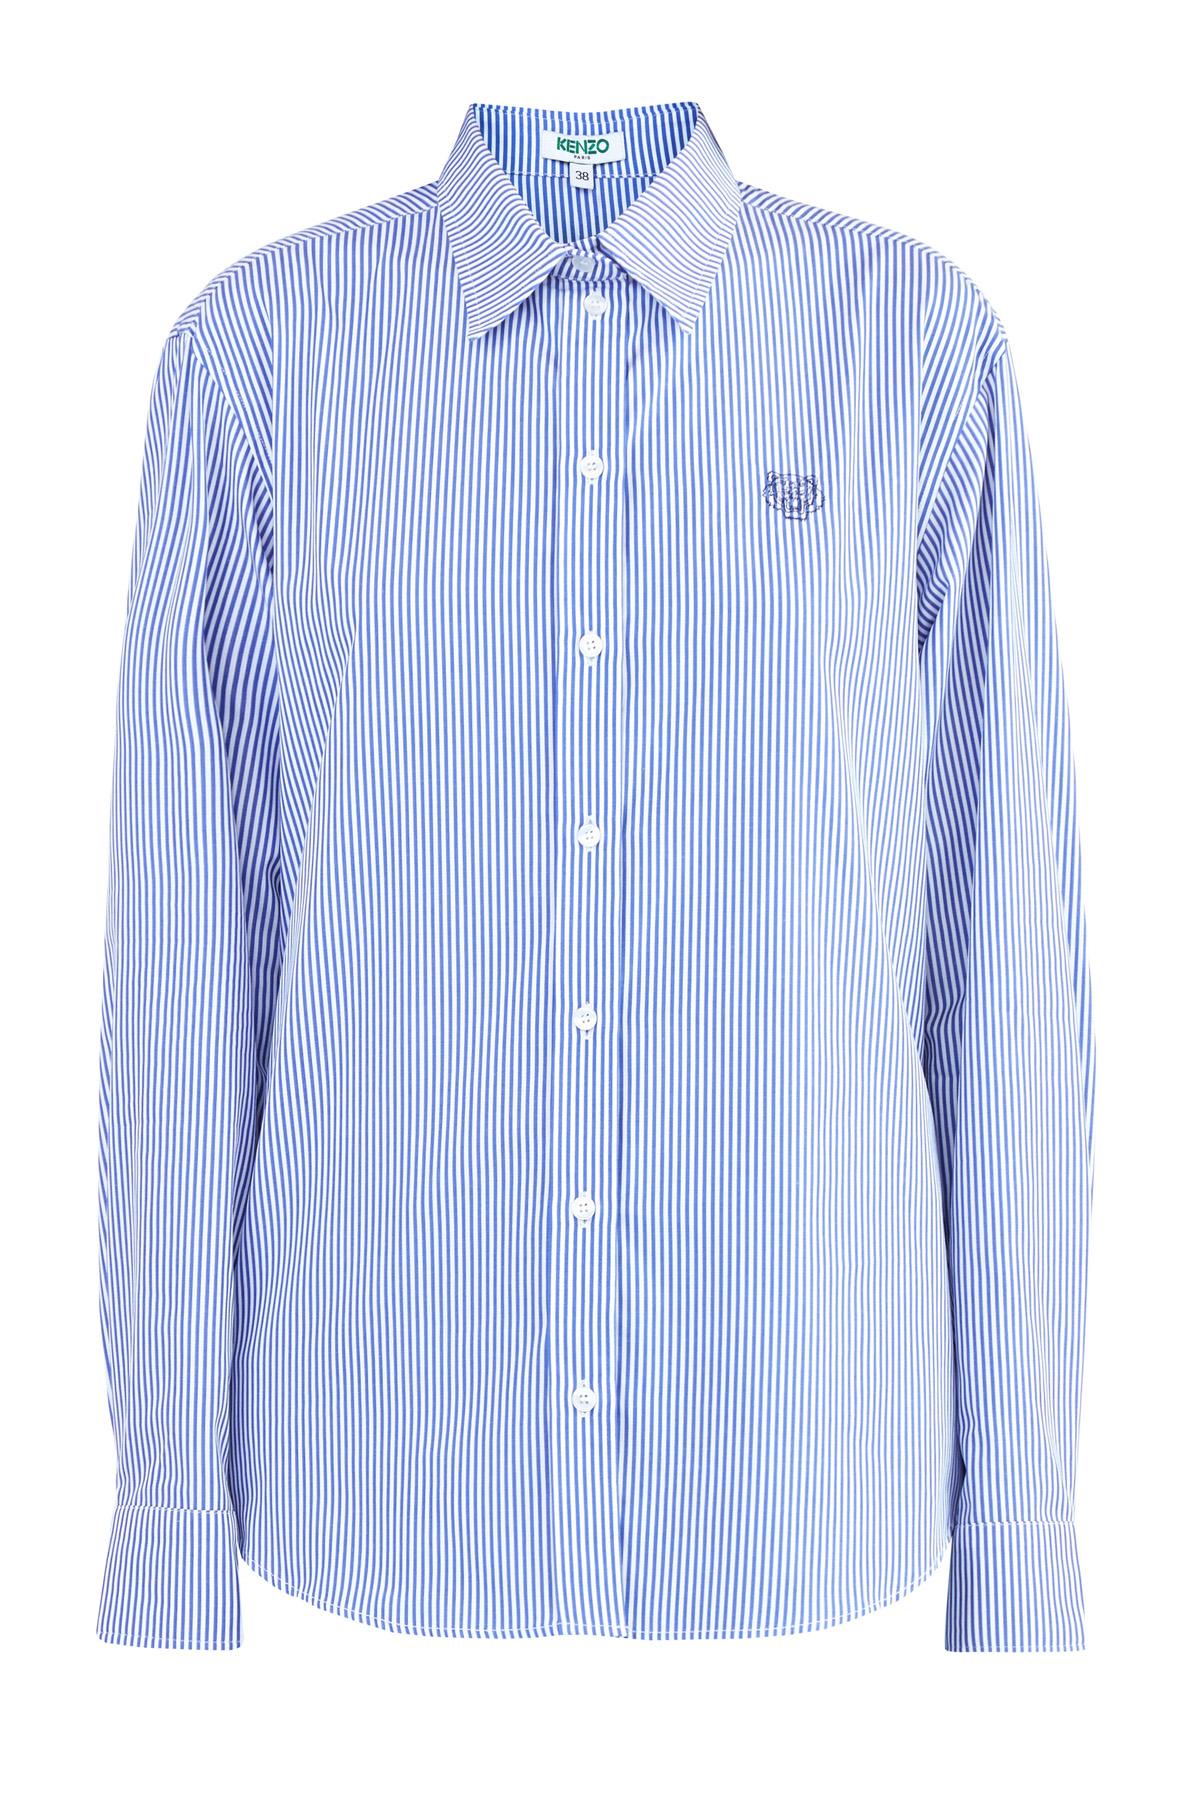 Классическая рубашка из хлопка с полосатым принтом в бело-синей гамме